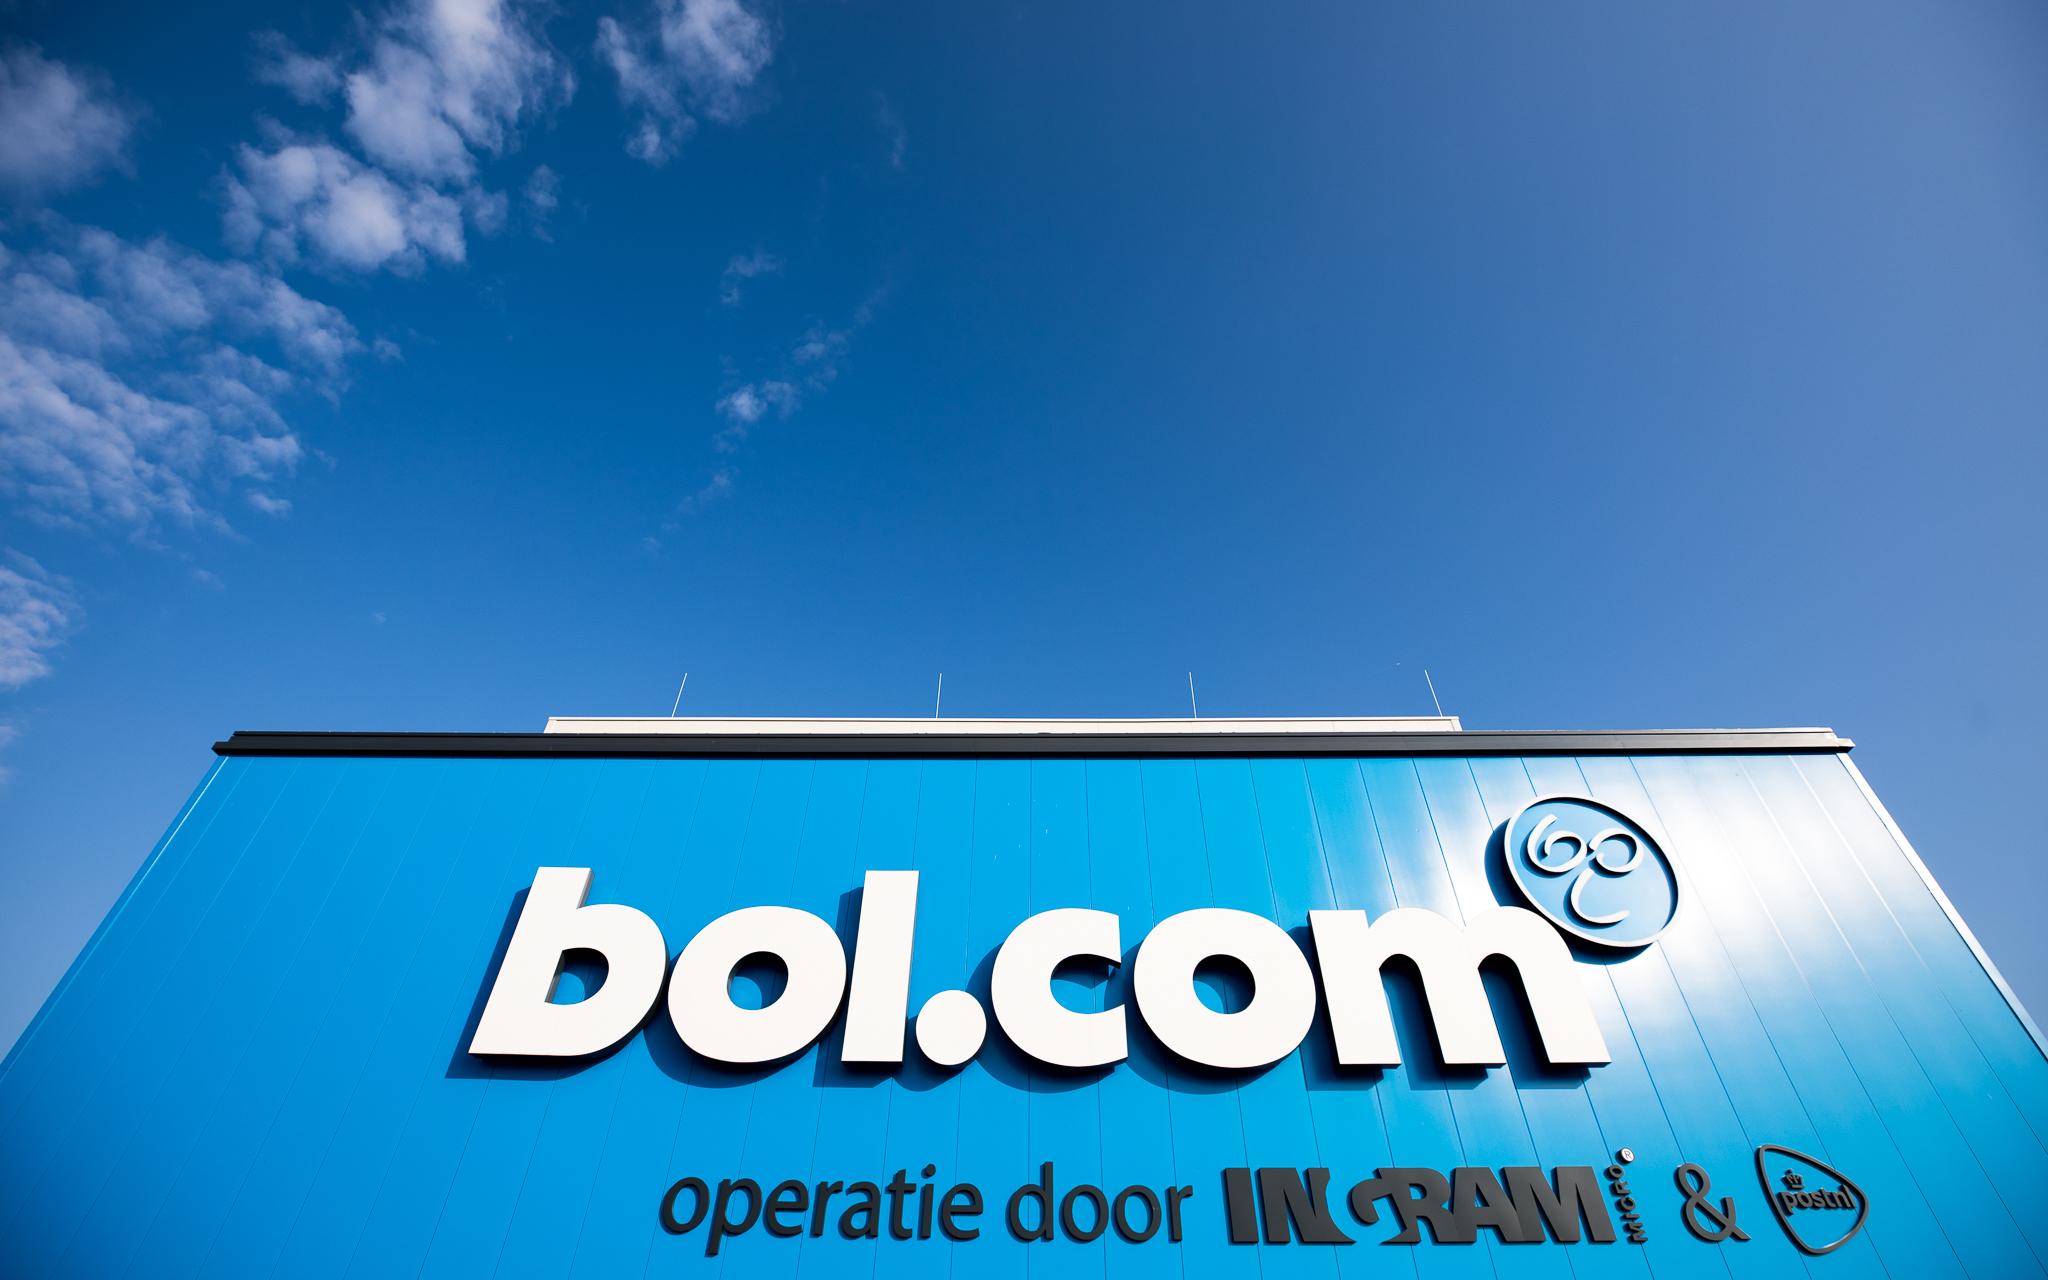 'Bol.com breidt uitbreiding met mode voor' - Distrifood.nl